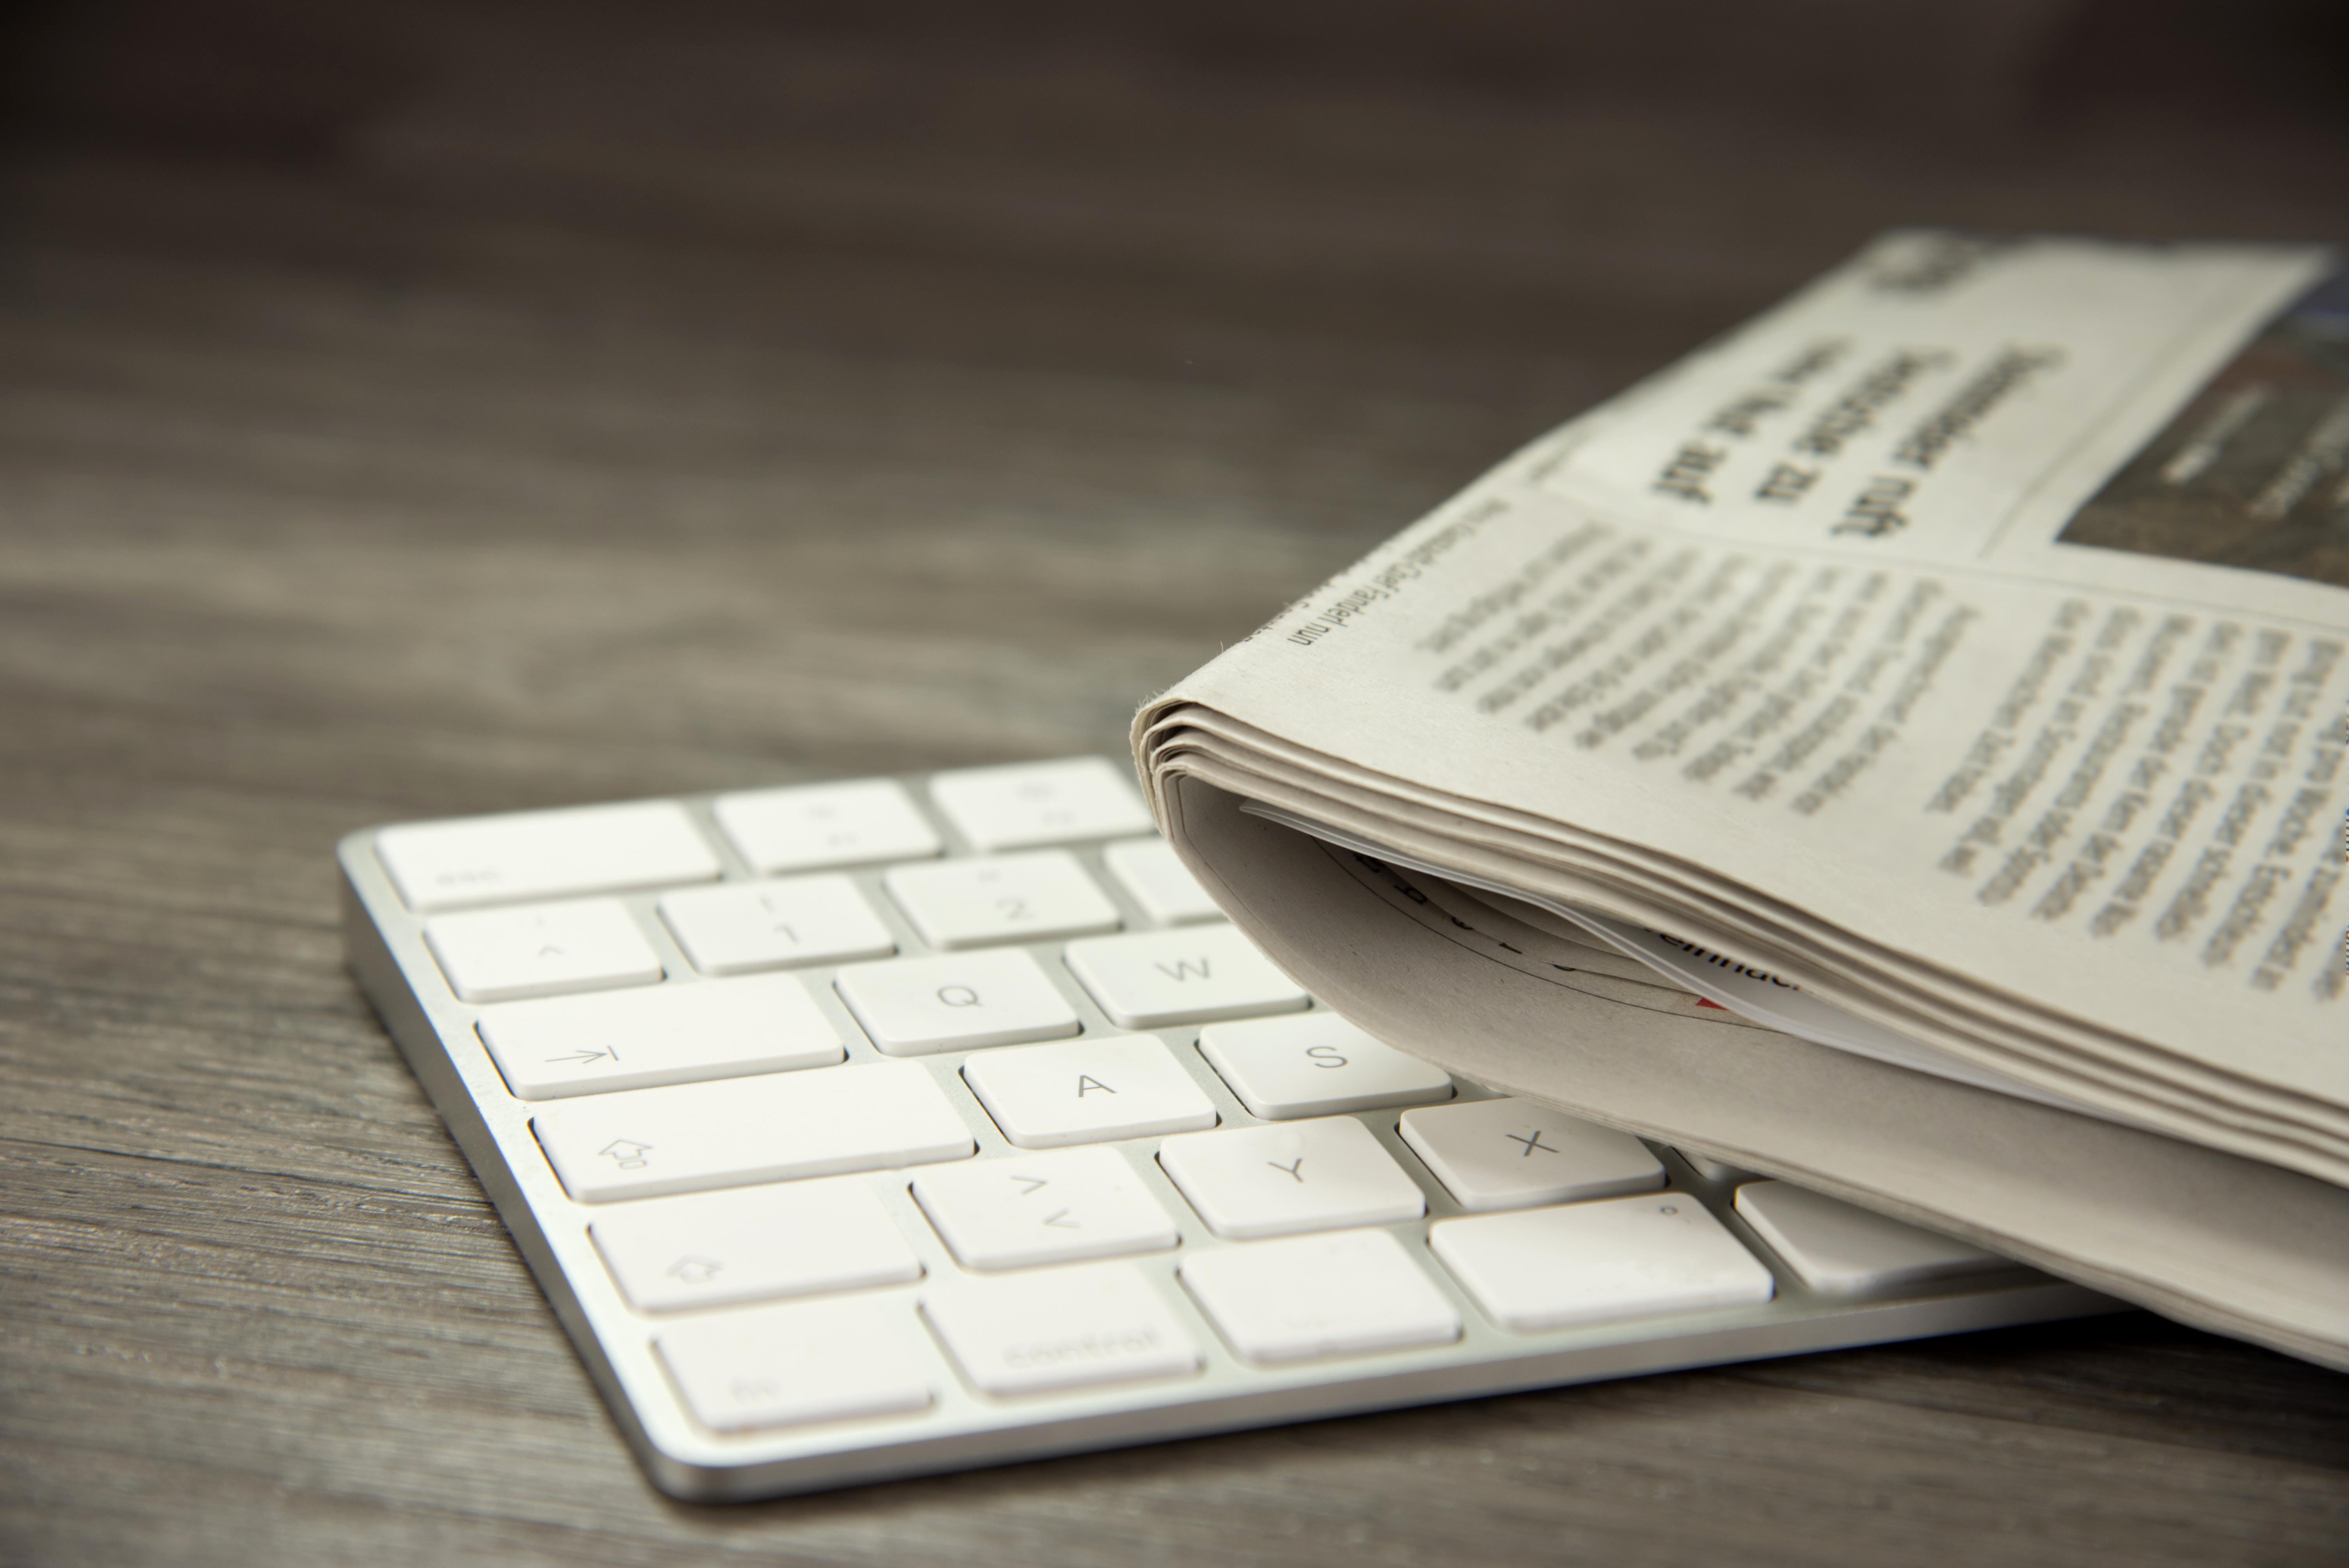 persbericht schrijven